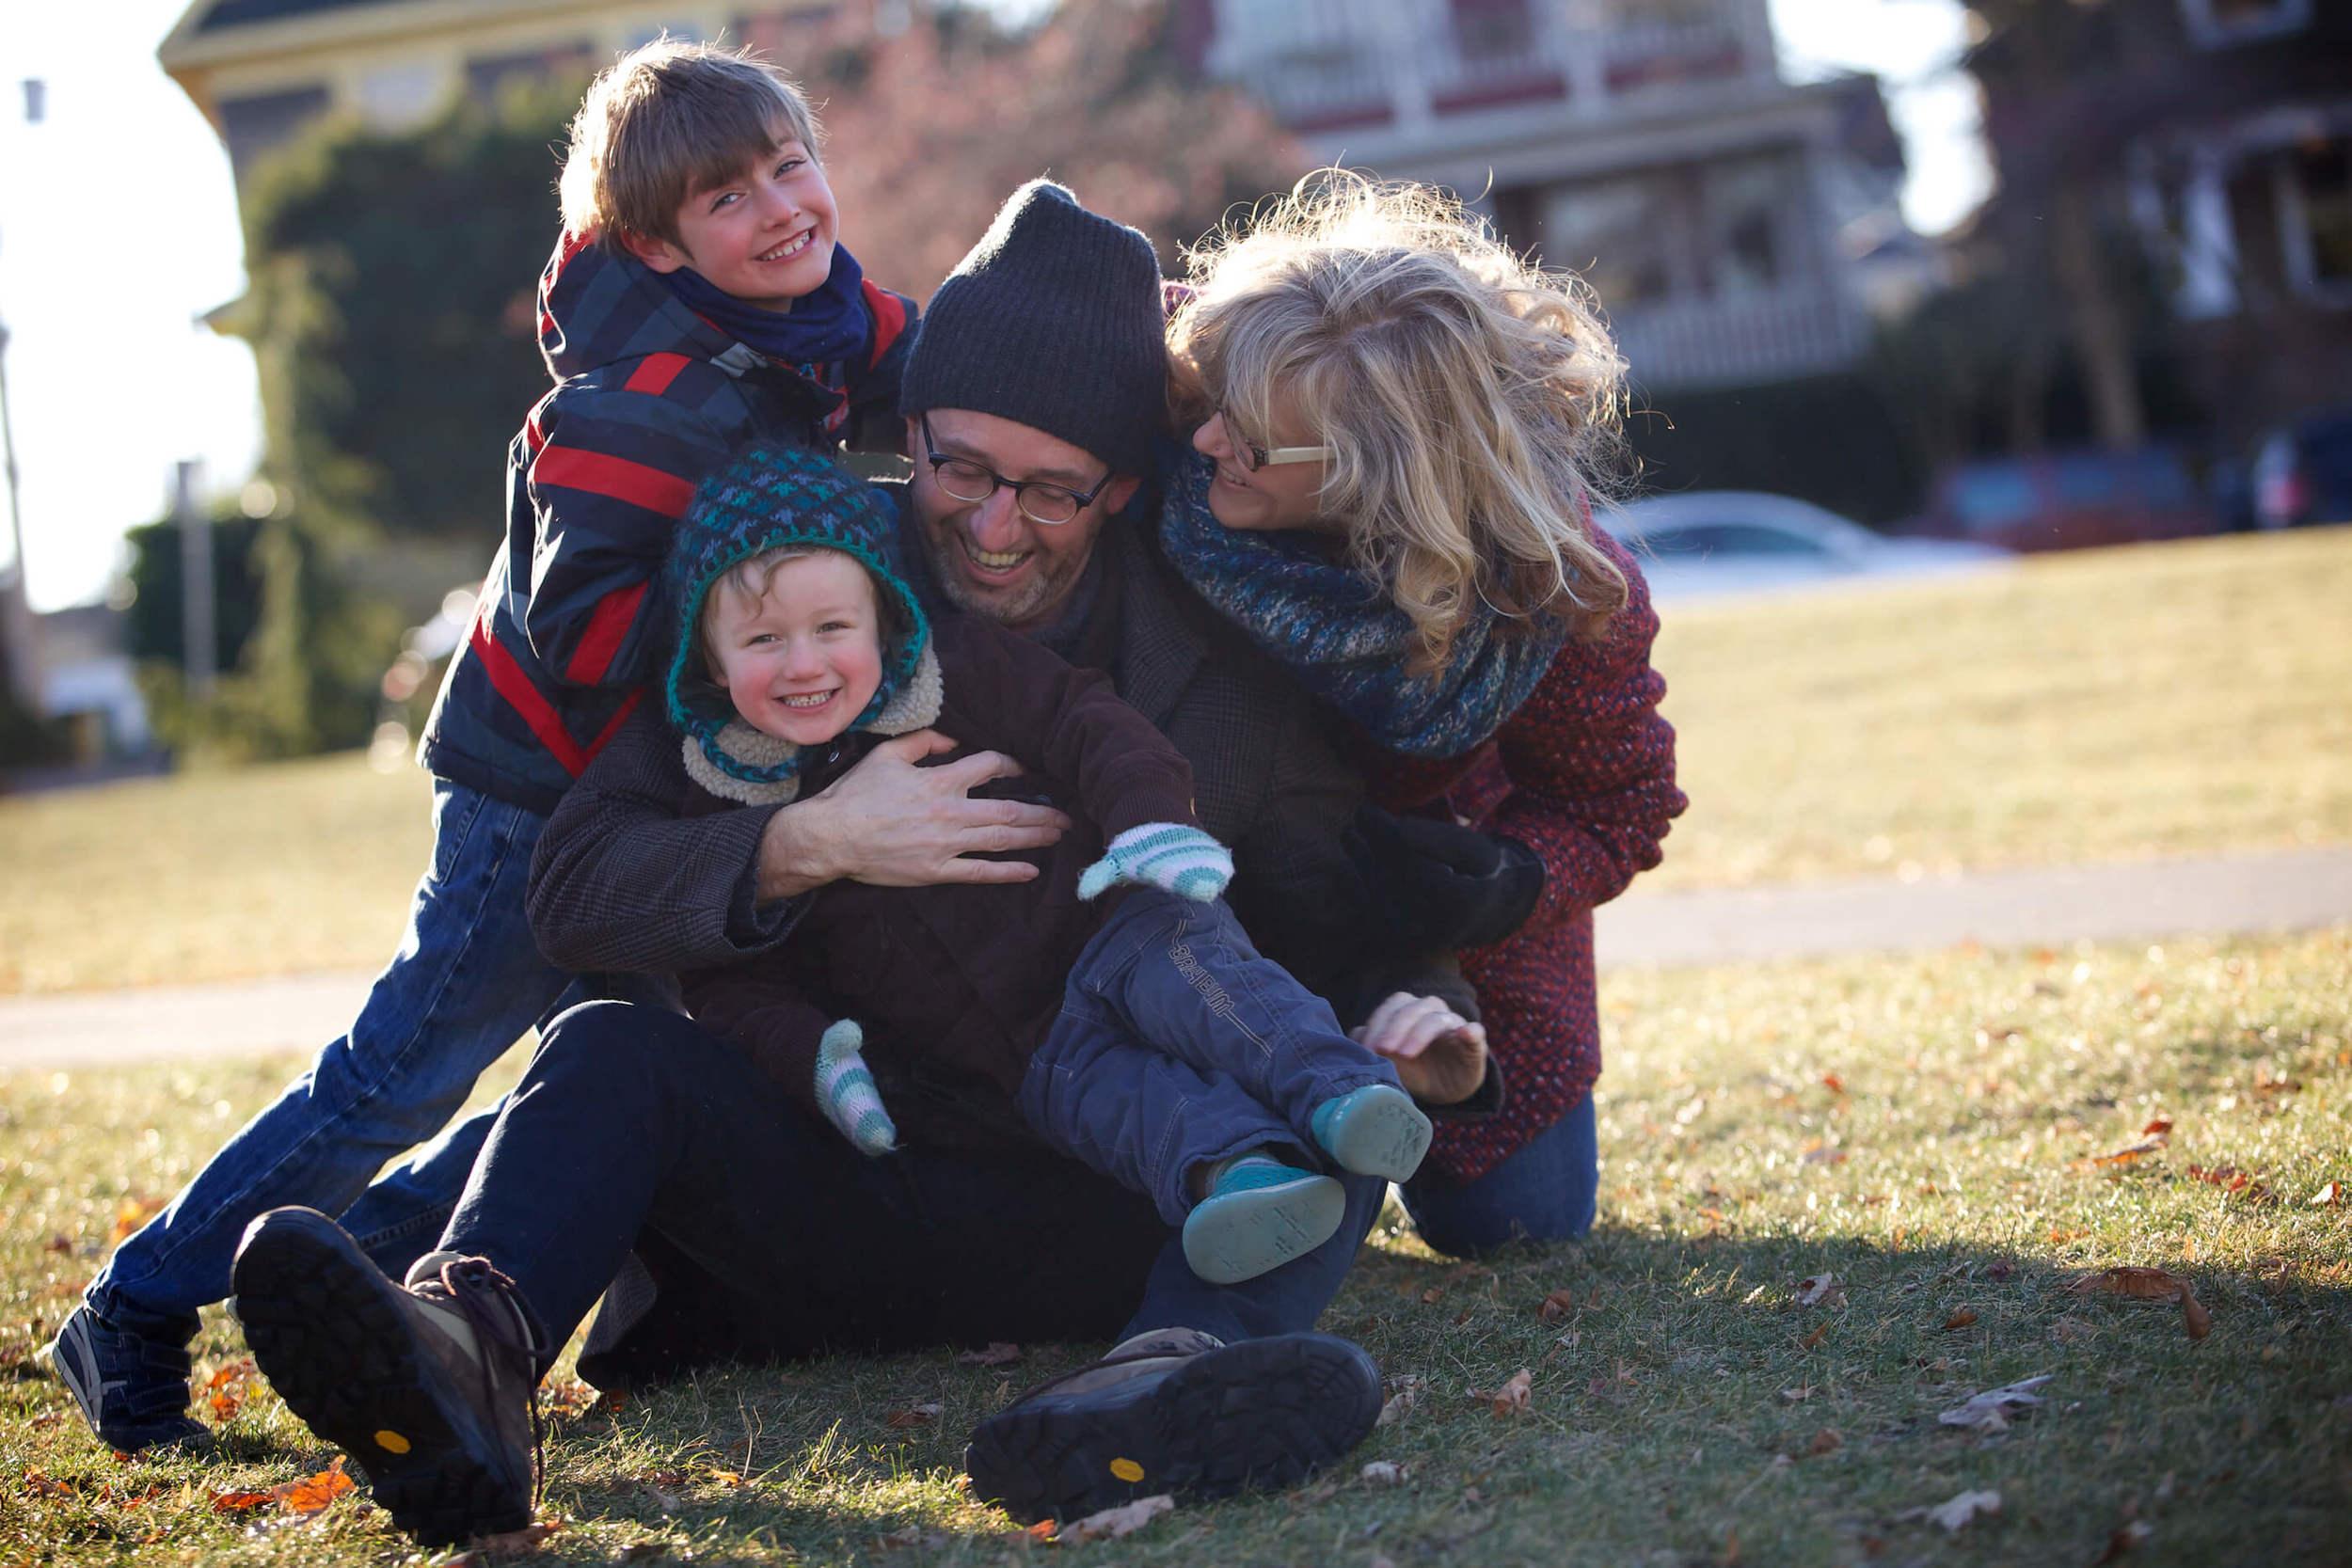 Chelsea-Roisum---Family-by-CBR-13.jpg